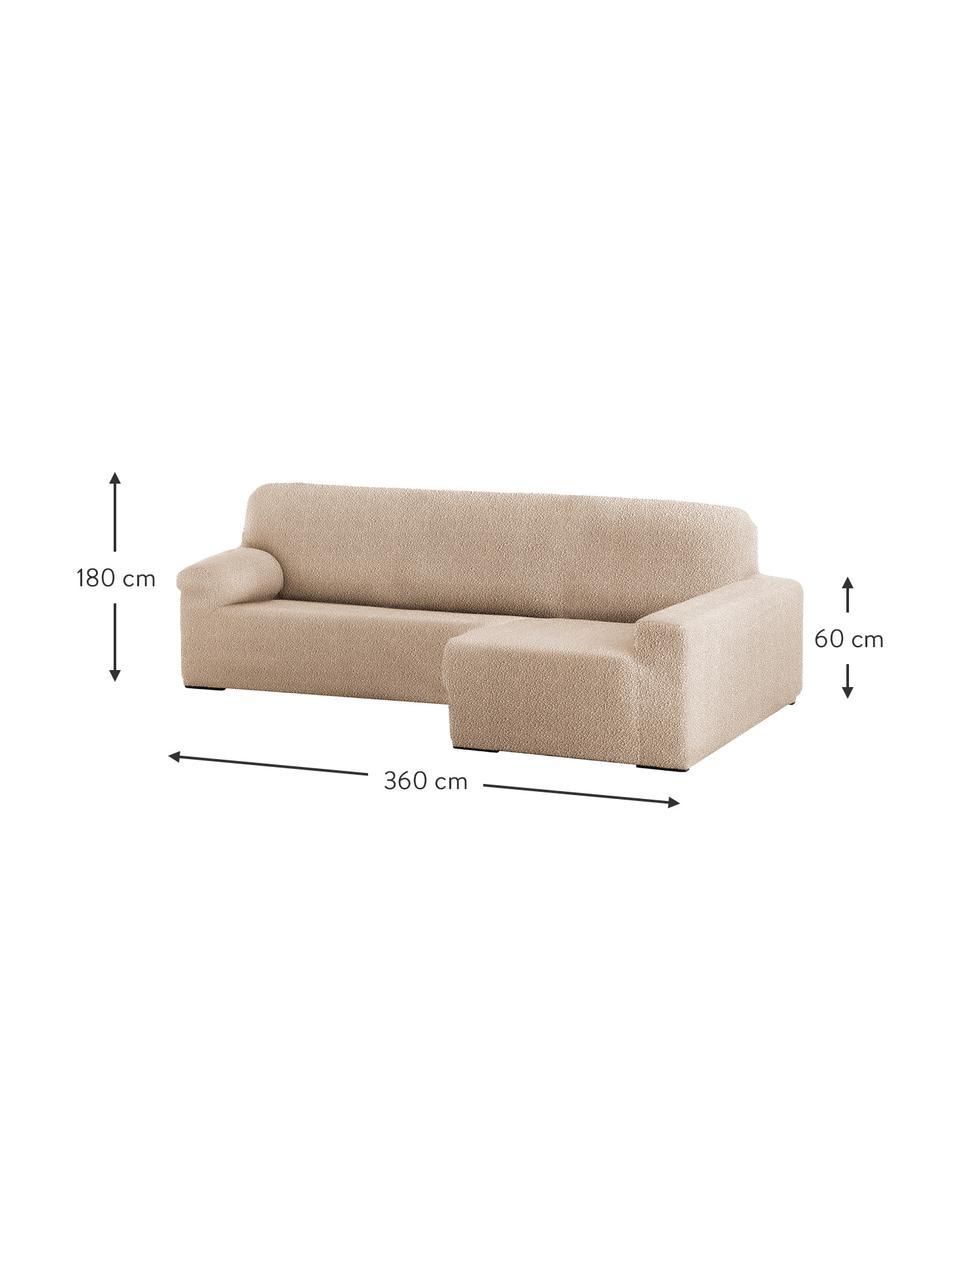 Copertura divano angolare Roc, 55% poliestere, 35% cotone, 10% elastomero, Beige, Larg. 360 x Alt. 180 cm